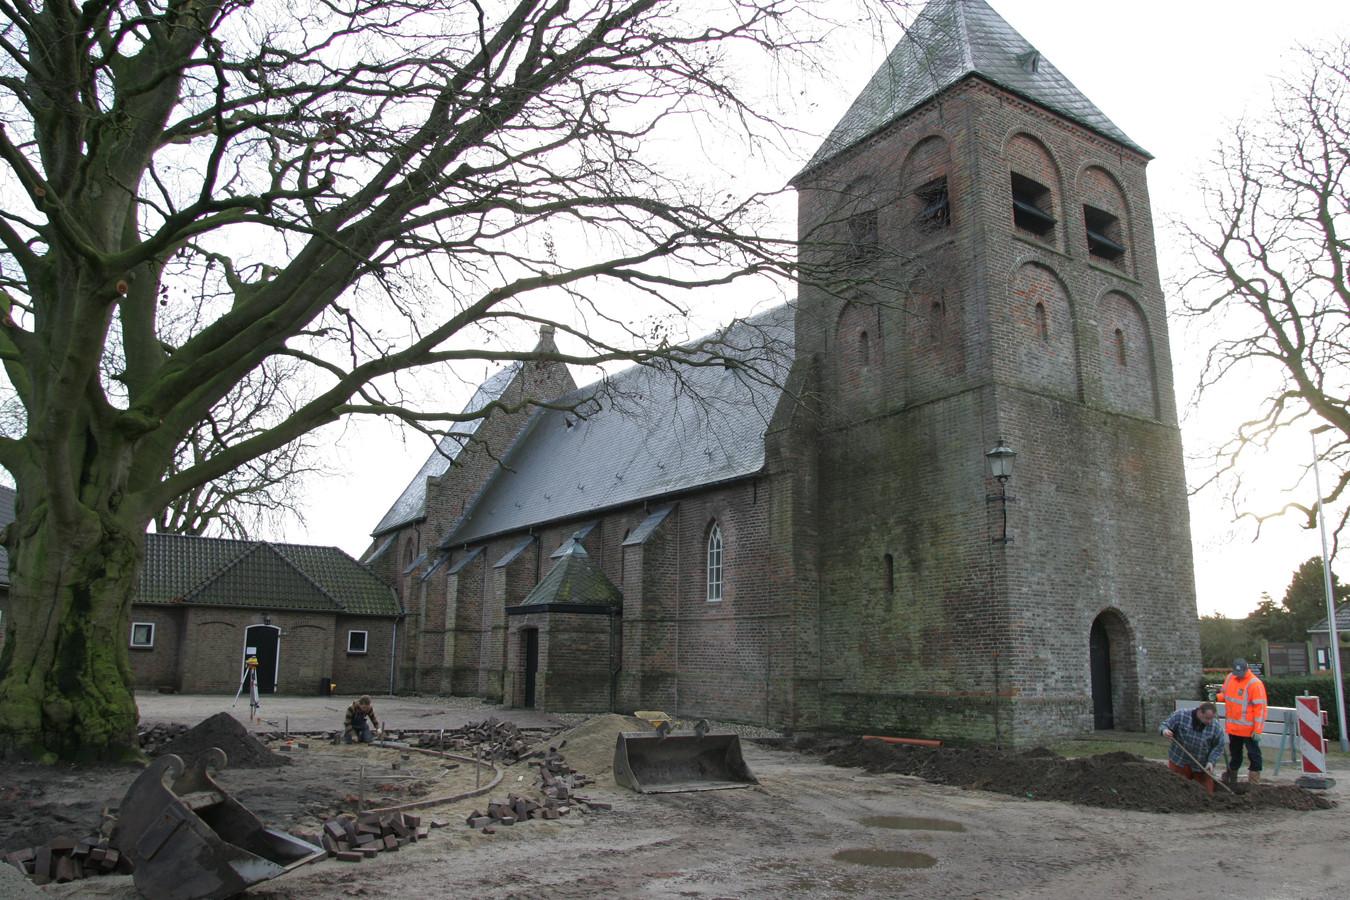 Vanaf de kerk in Wesepe moet er een weg hebben gevoerd naar de versterking, waarschijnlijk een toren of burcht. Dat is te zien op satellietbeelden.